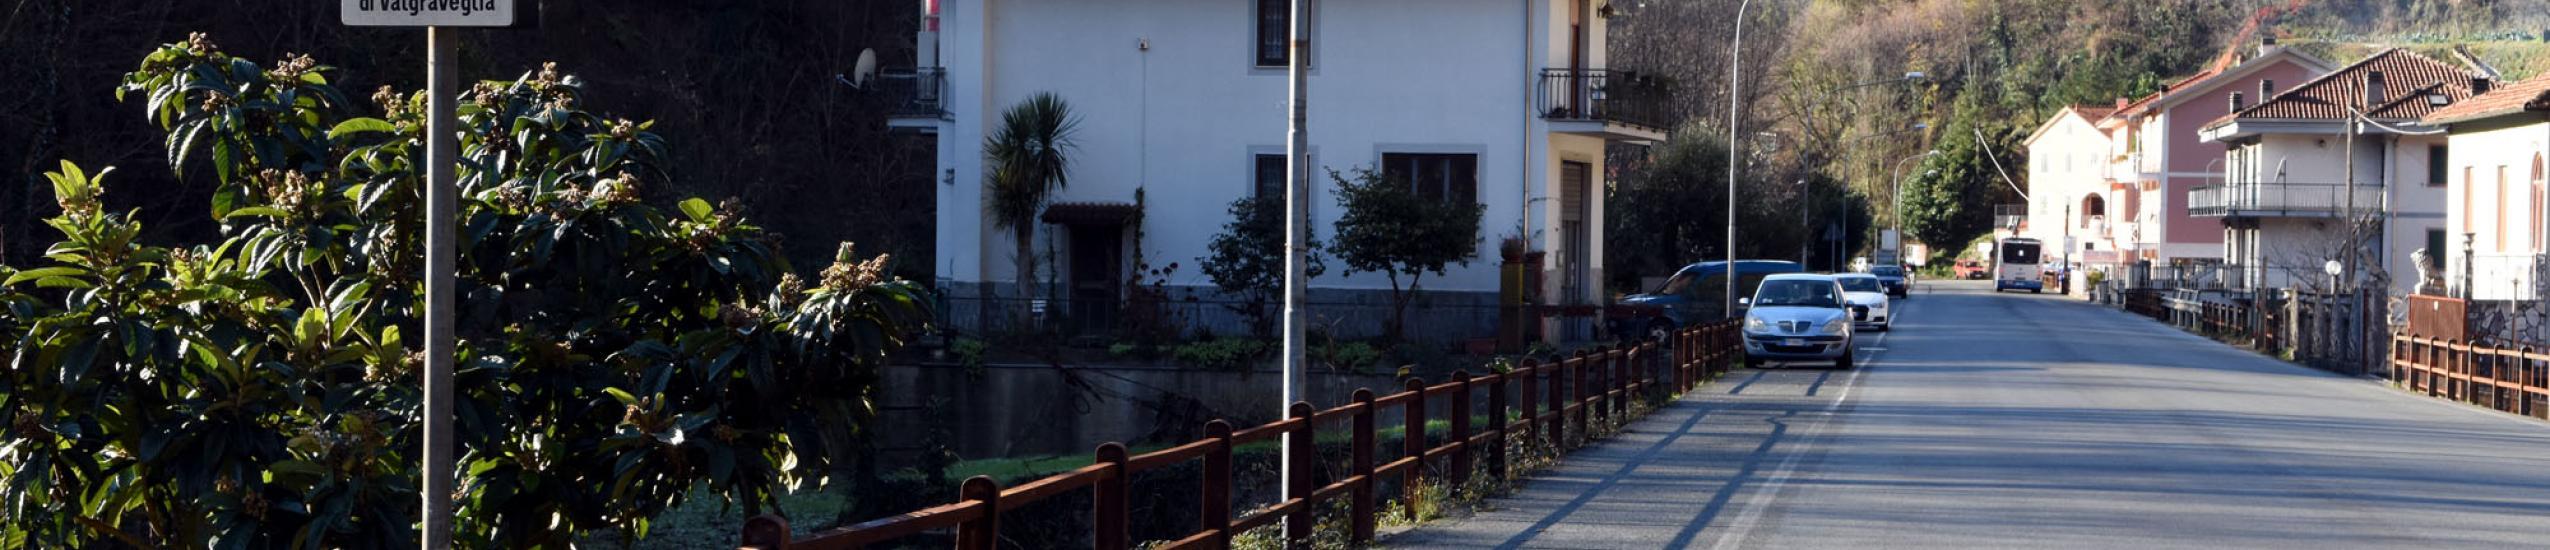 Parcheggio pubblico Conscenti Via Garibaldi (0)